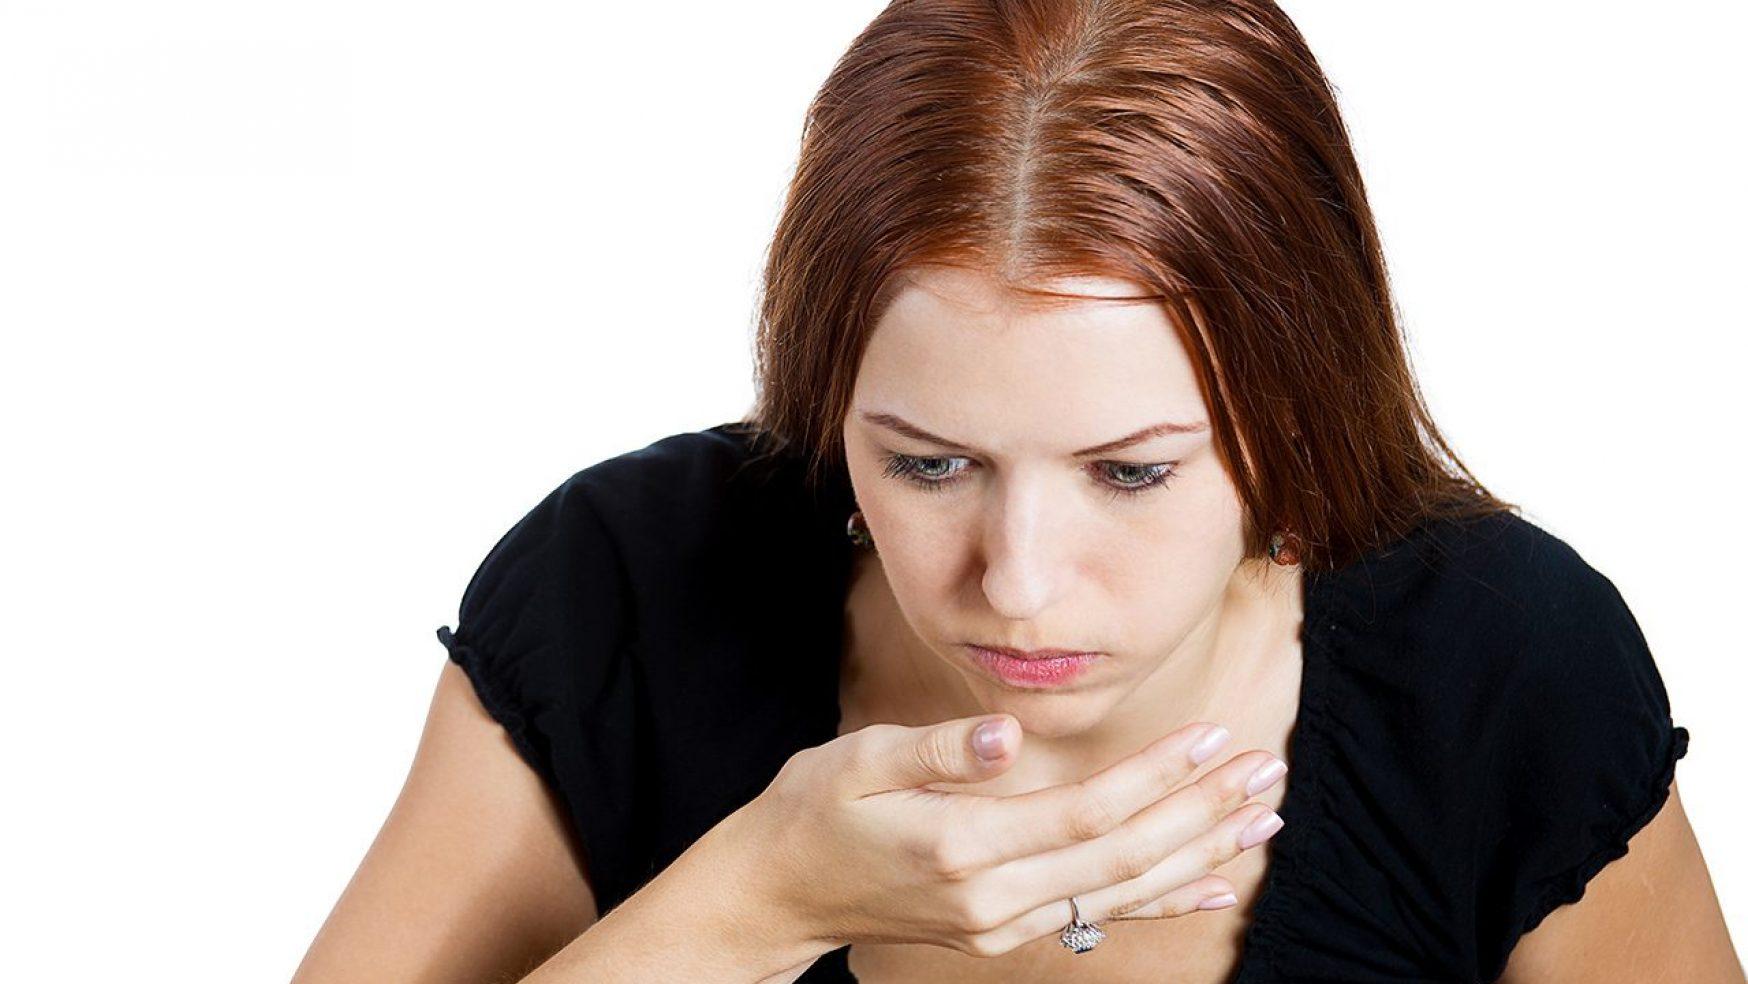 Hiperglicemia: Síntomas y que debo hacer en caso de tener el Azúcar alta